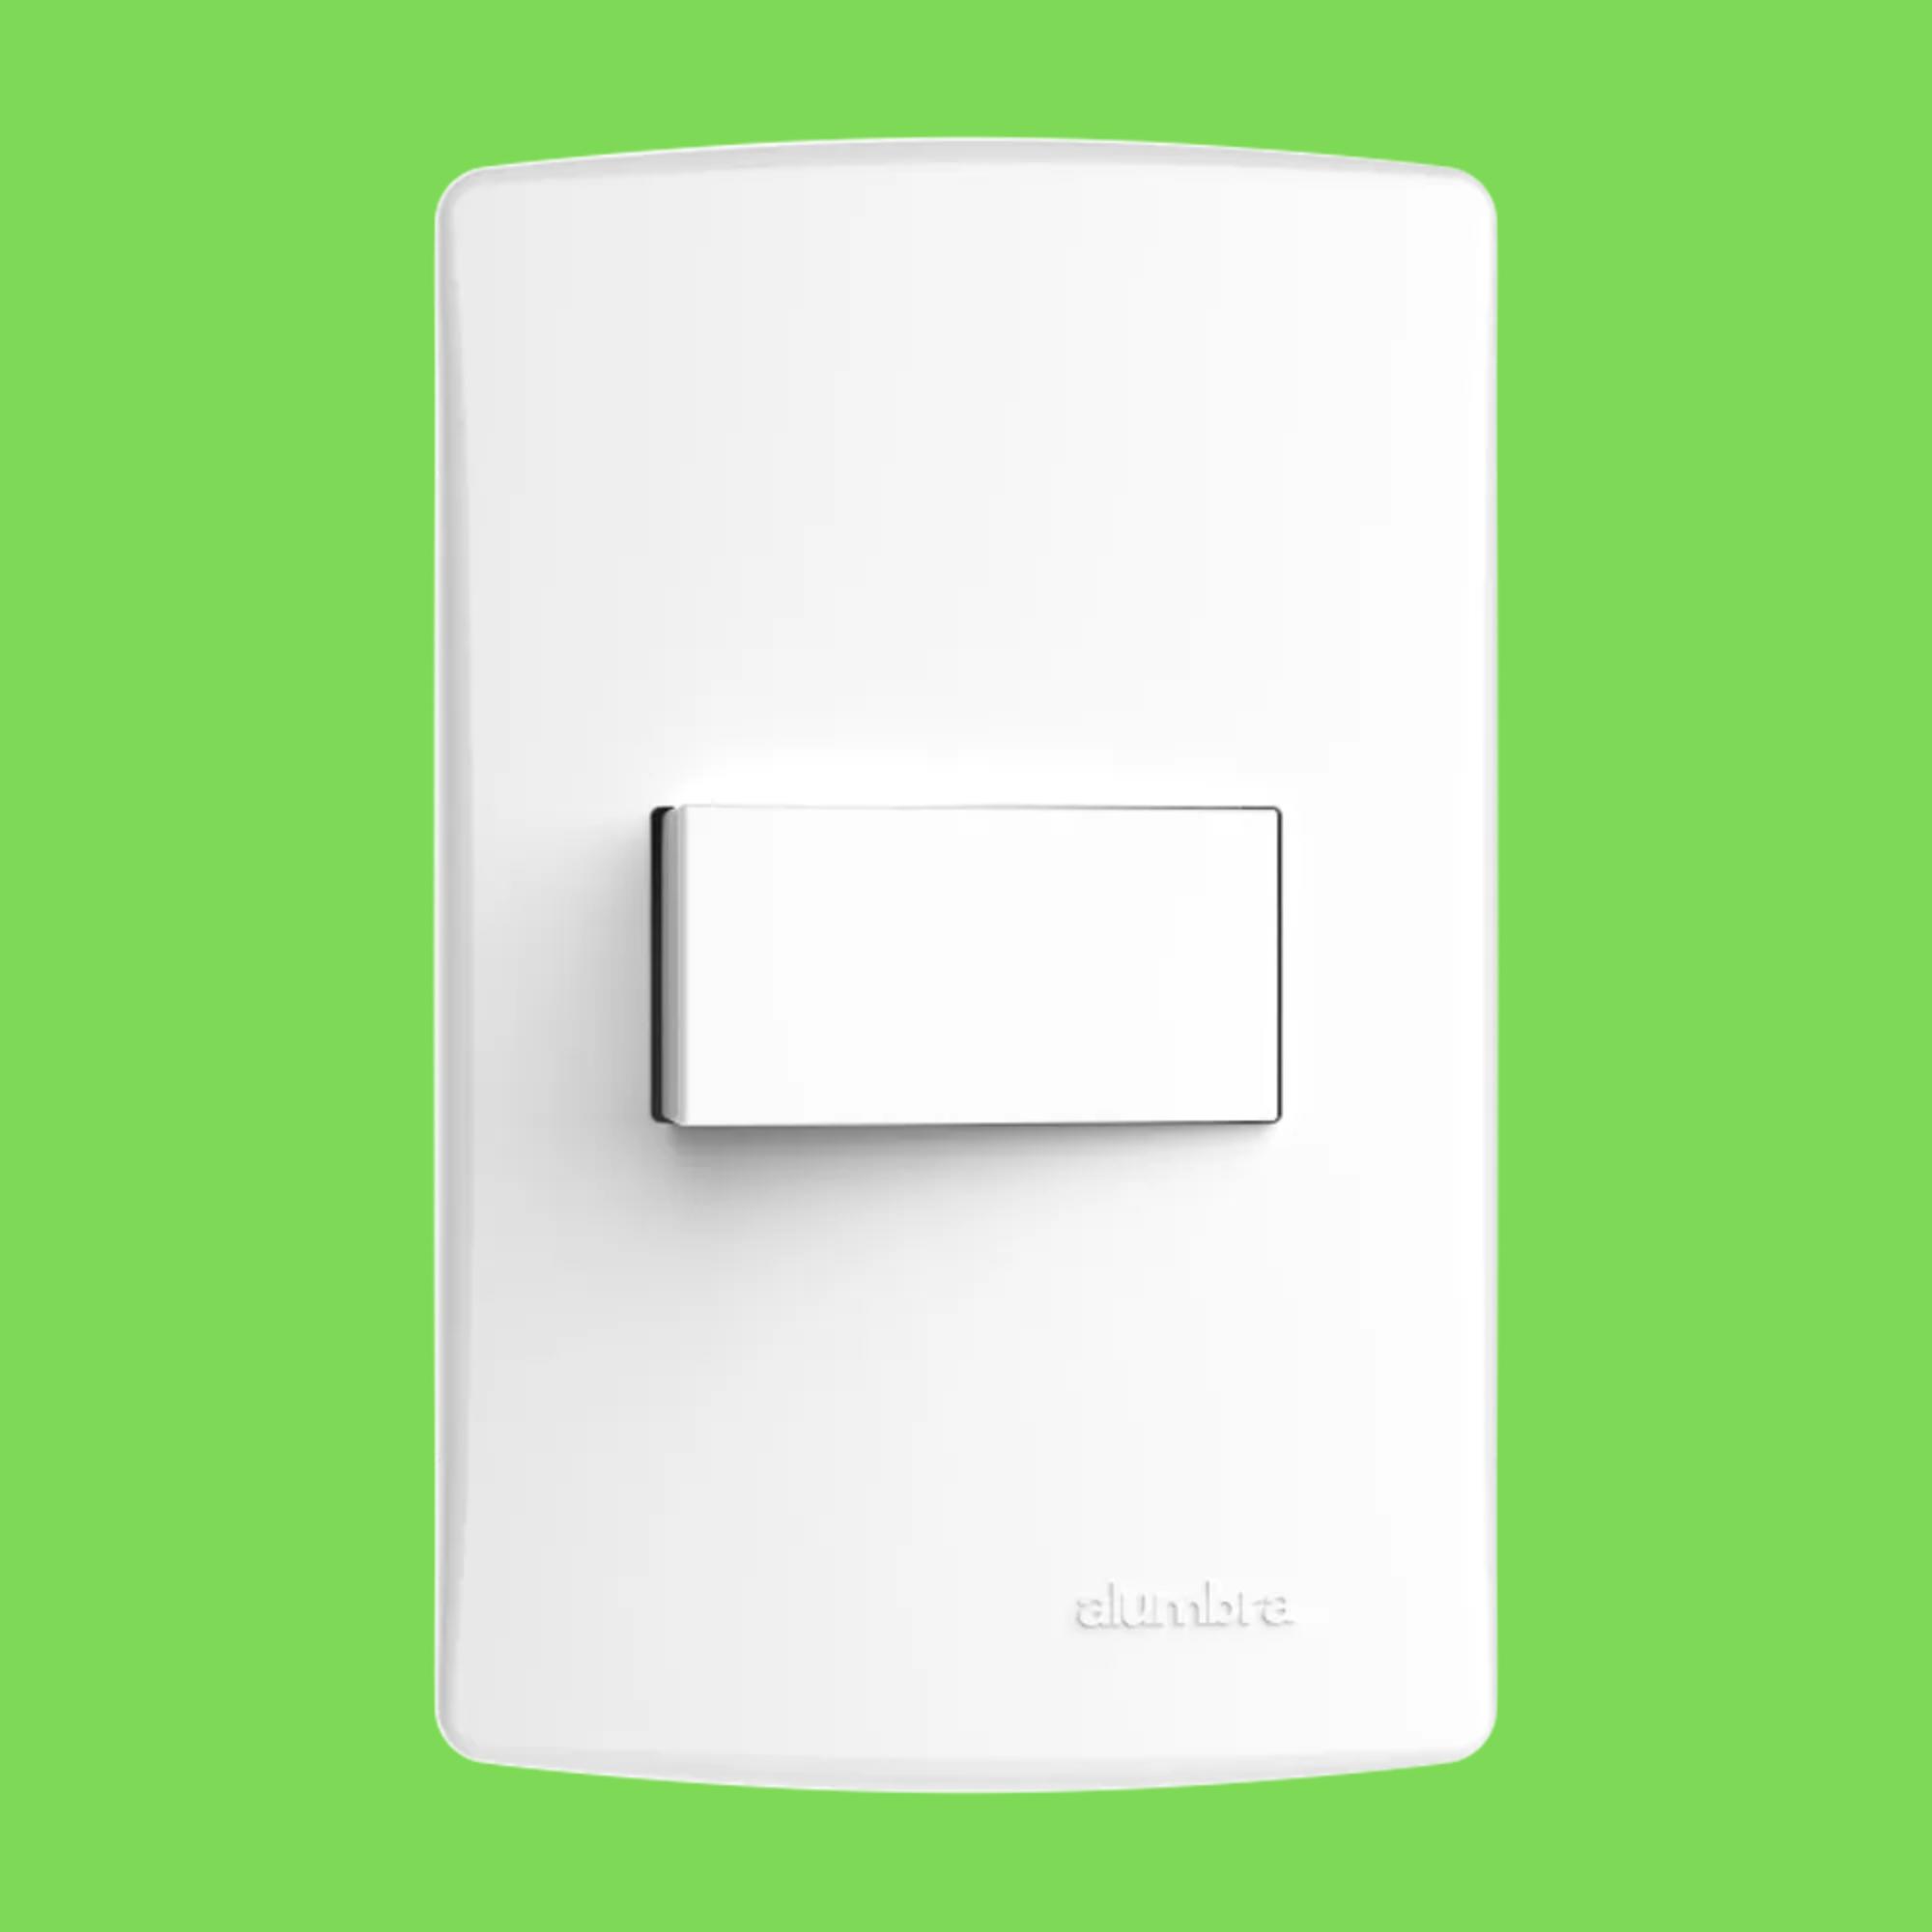 Kit 20 und Alumbra Bianco Pró 1 Seção de Interruptor Simples Com Placa